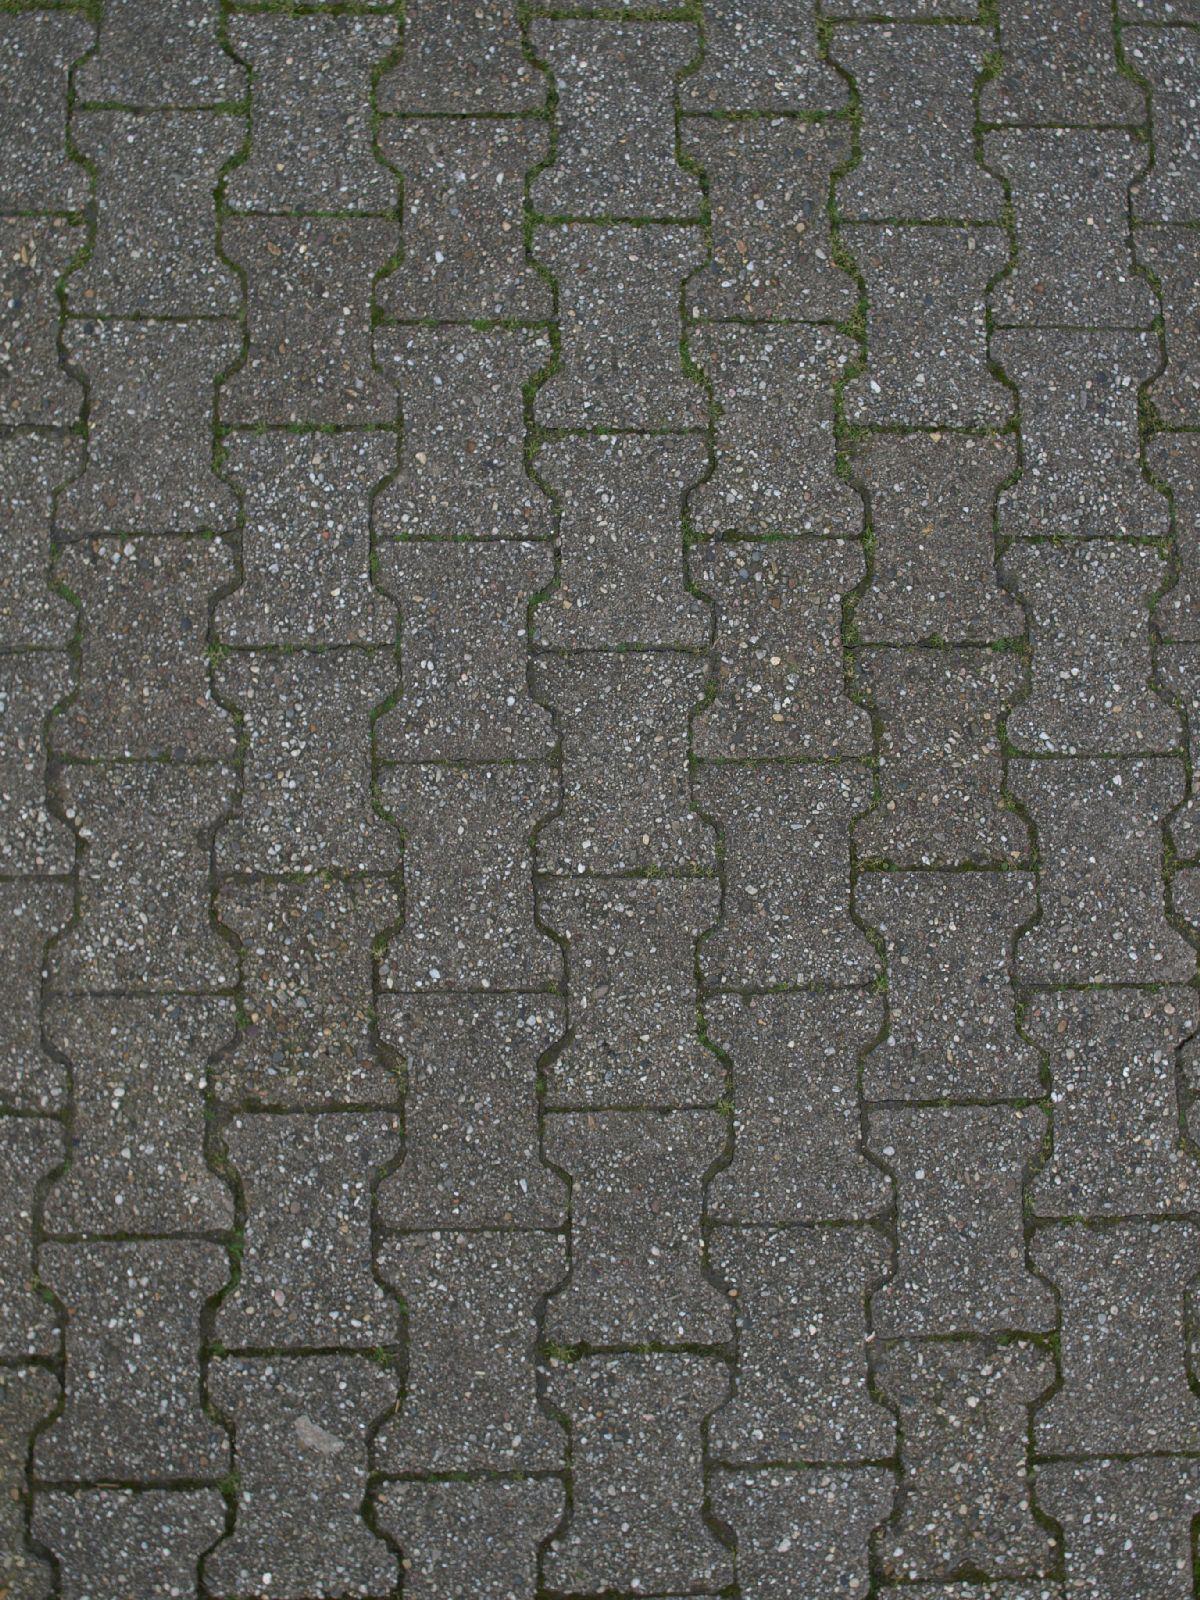 Boden-Gehweg-Strasse-Buergersteig-Textur_A_P4120935